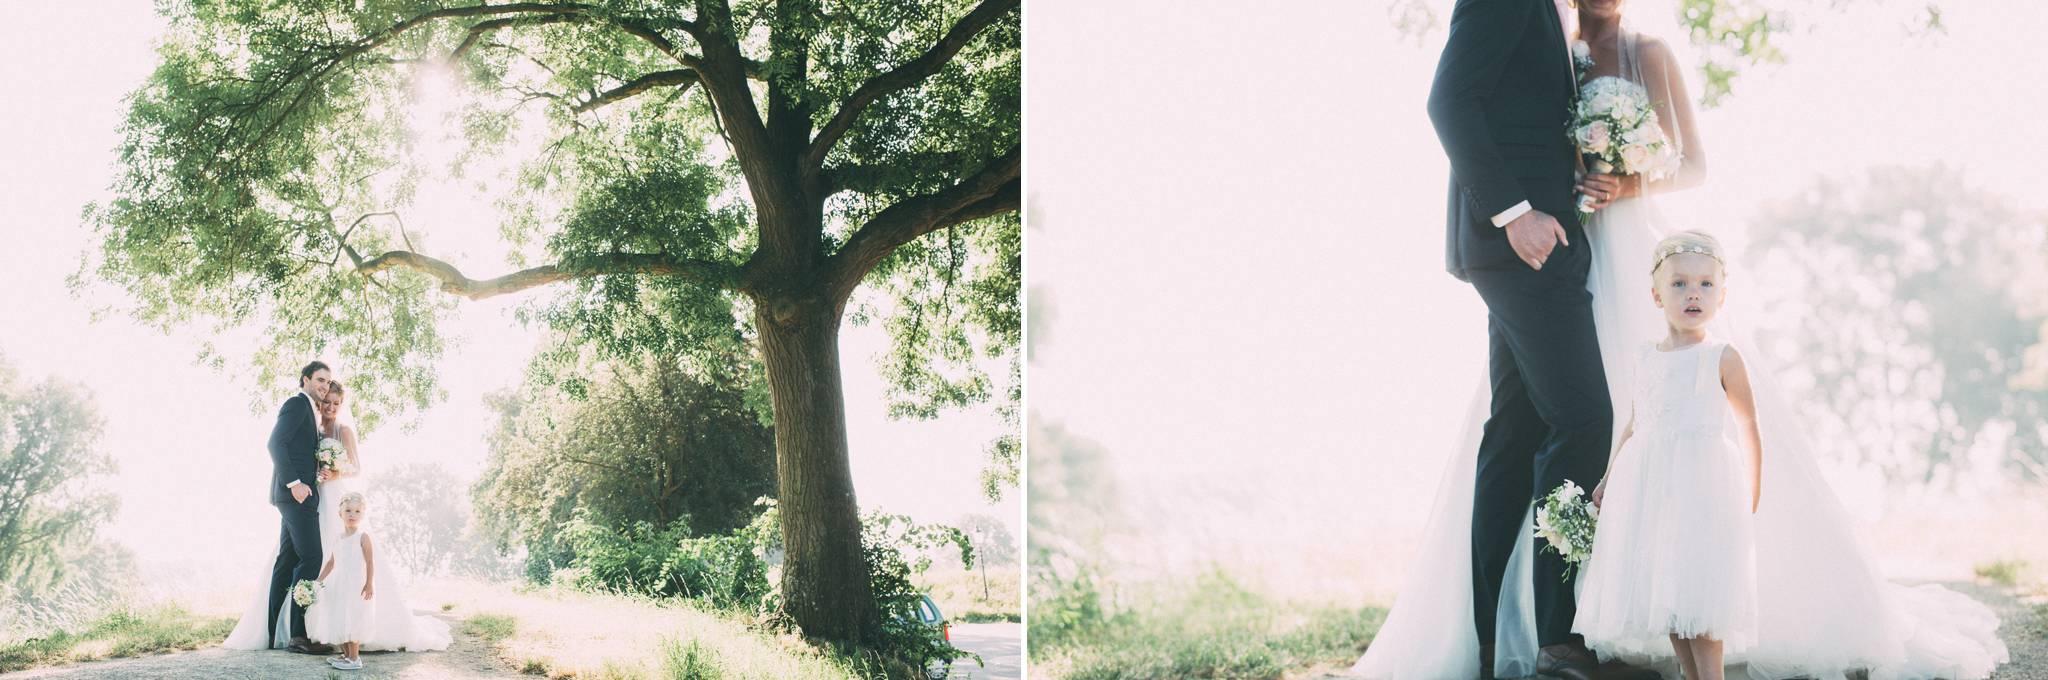 Bruidsfotograaf woudrichem